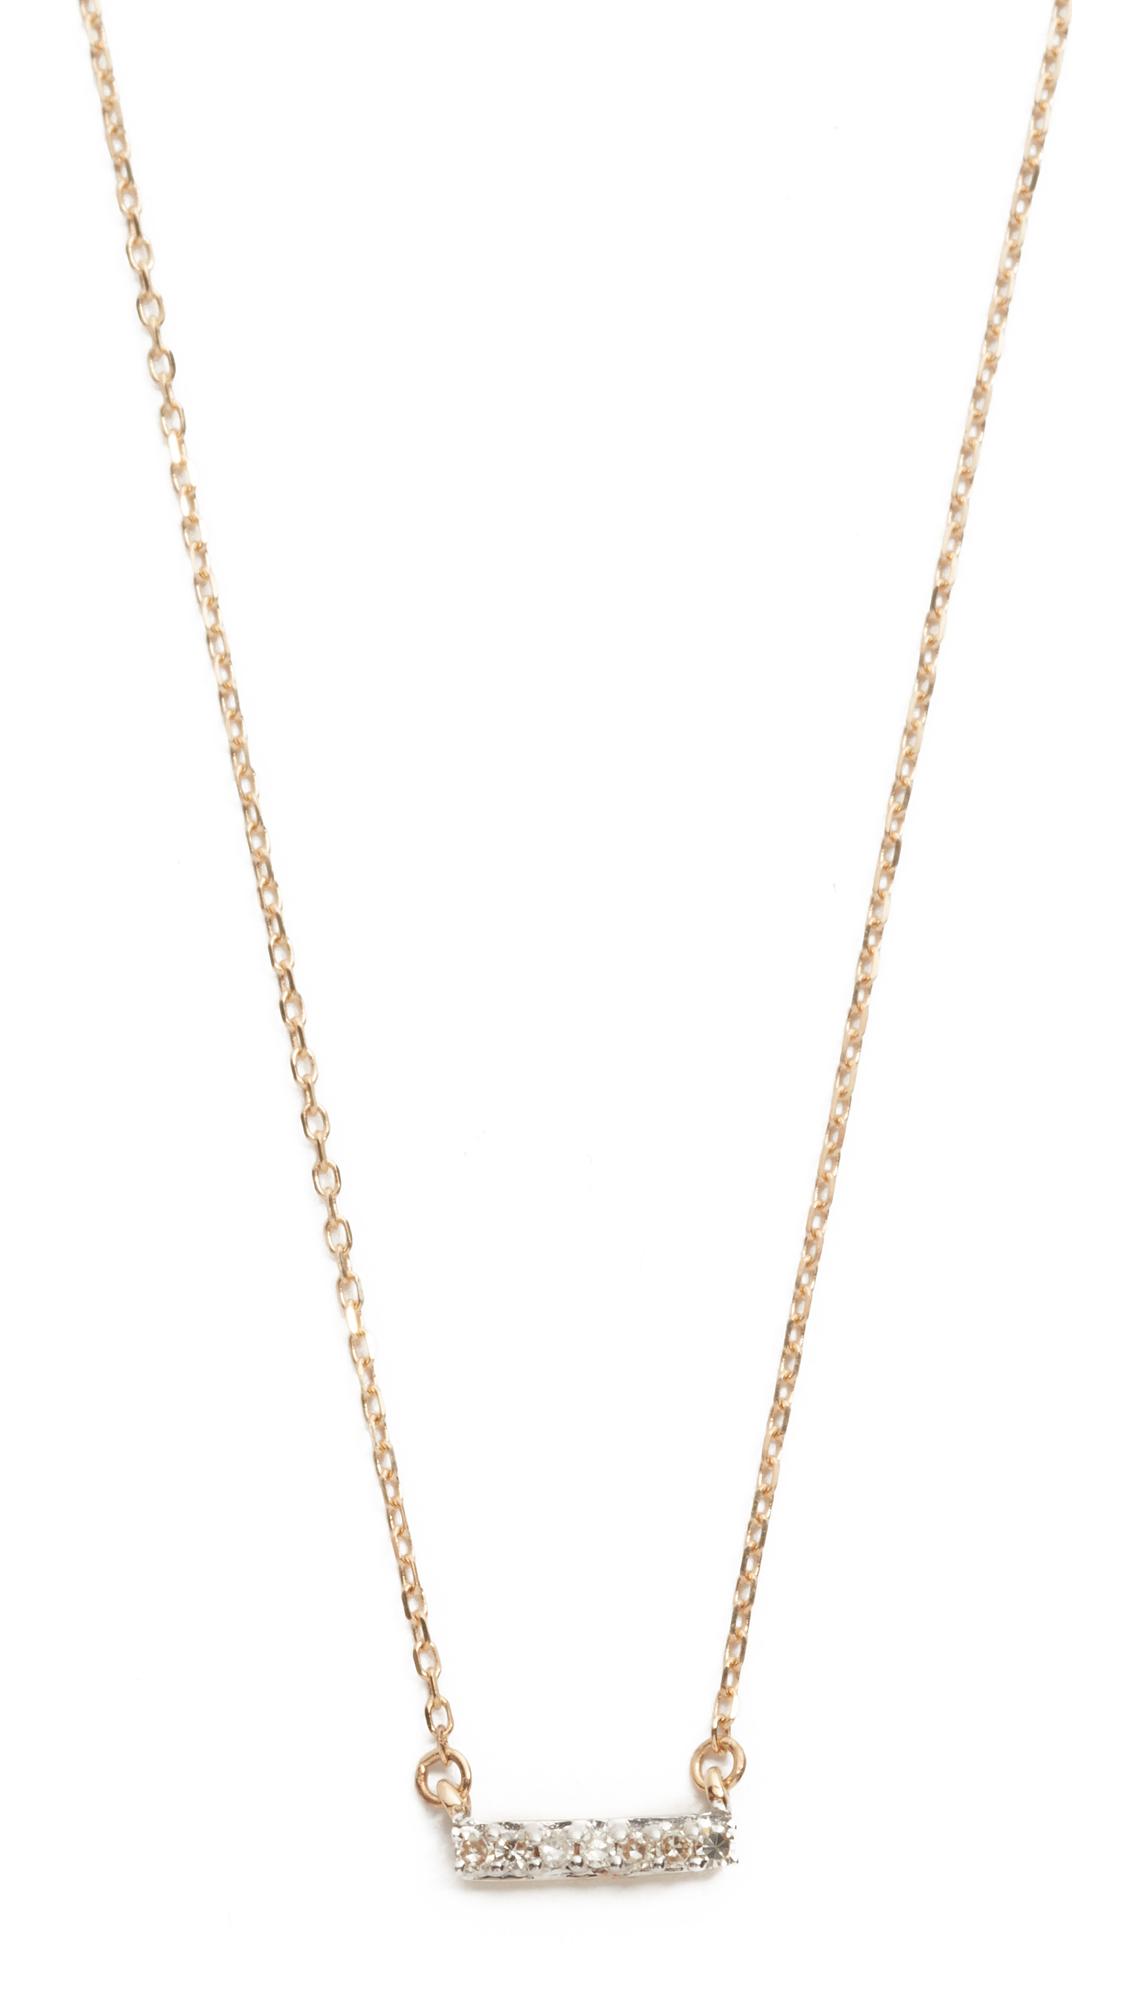 Adina Reyter Super Tiny 14k Gold Pave Bar Necklace - Gold